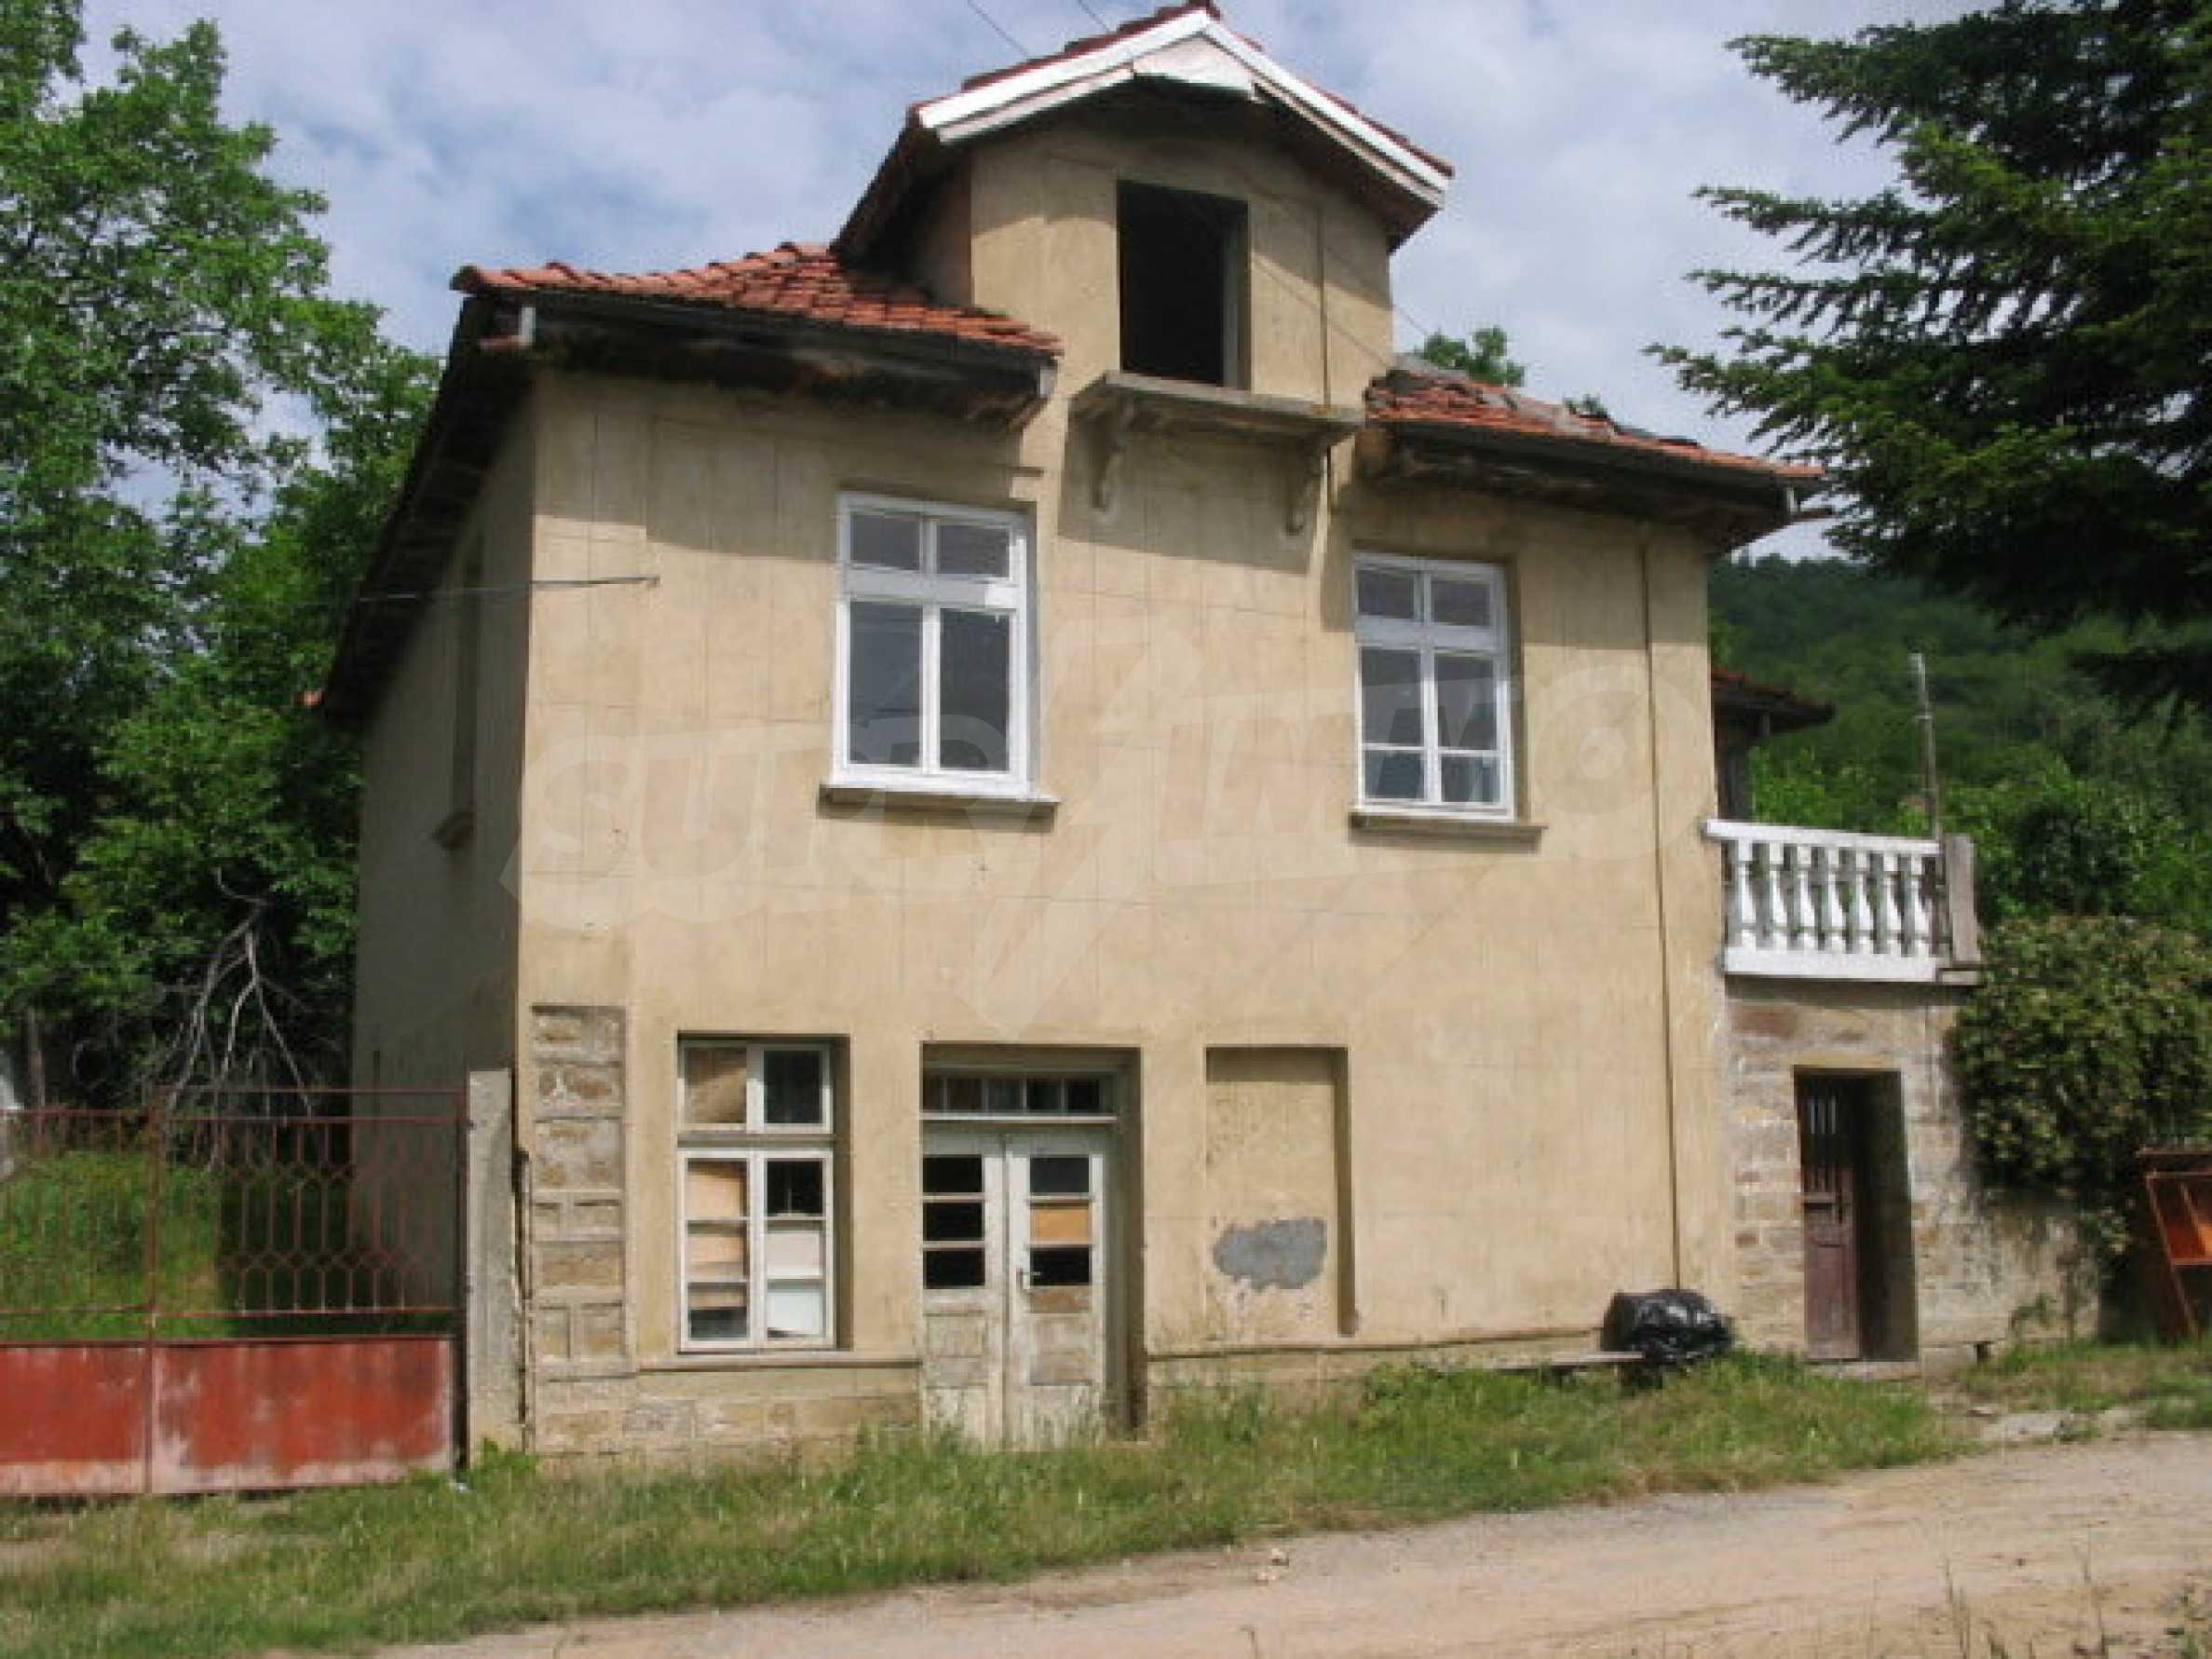 Zweistöckiges Haus in einem Dorf in der Nähe von Lovech 13